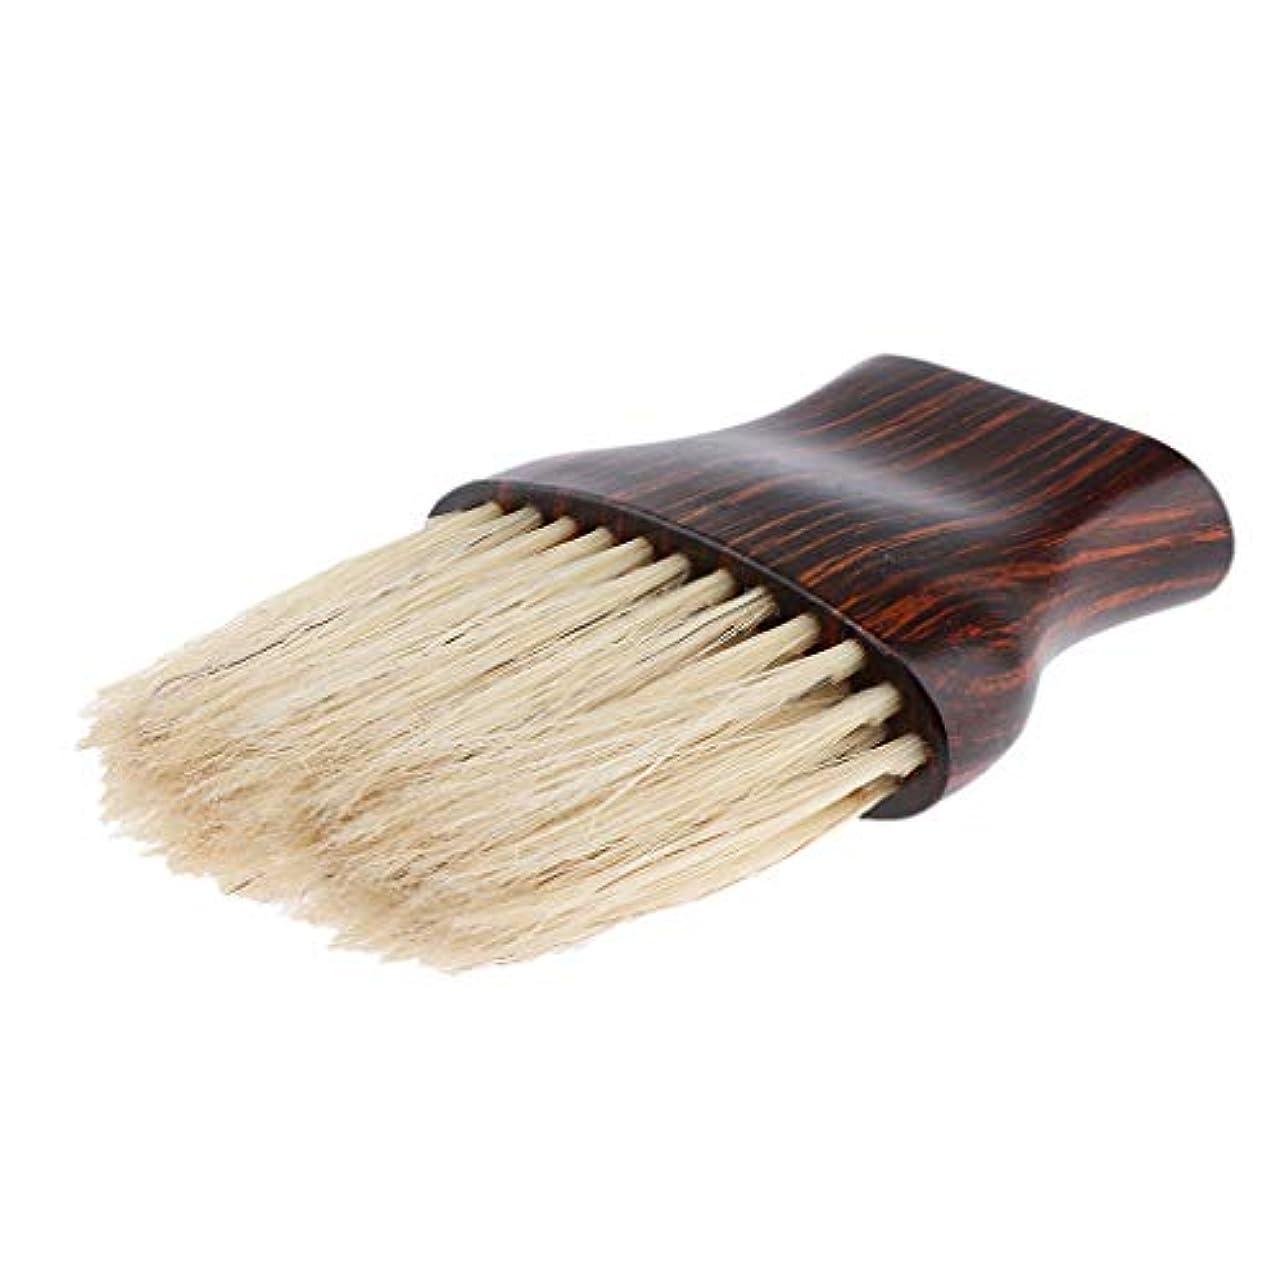 傘信仰運賃Toygogo ネックダスターブラシ ヘアカットブラシ クリーニング ブラシ 毛払いブラシ 散髪 髪切り